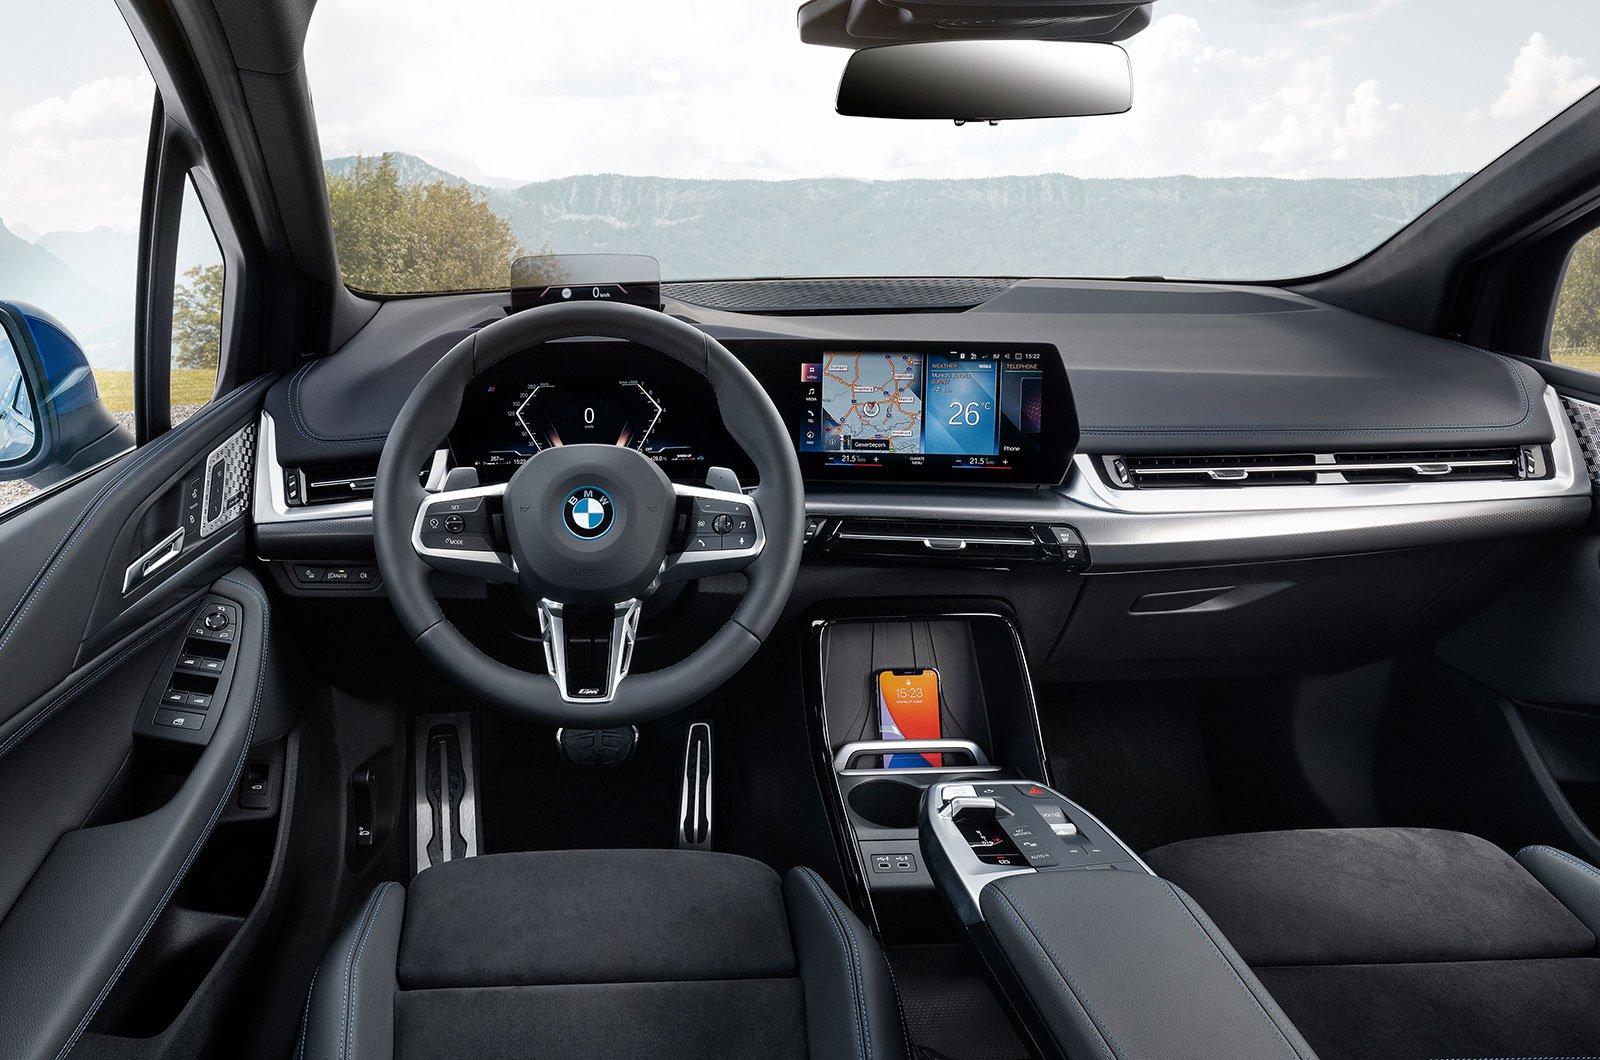 2022 BMW Série 2 Active Tourer frente